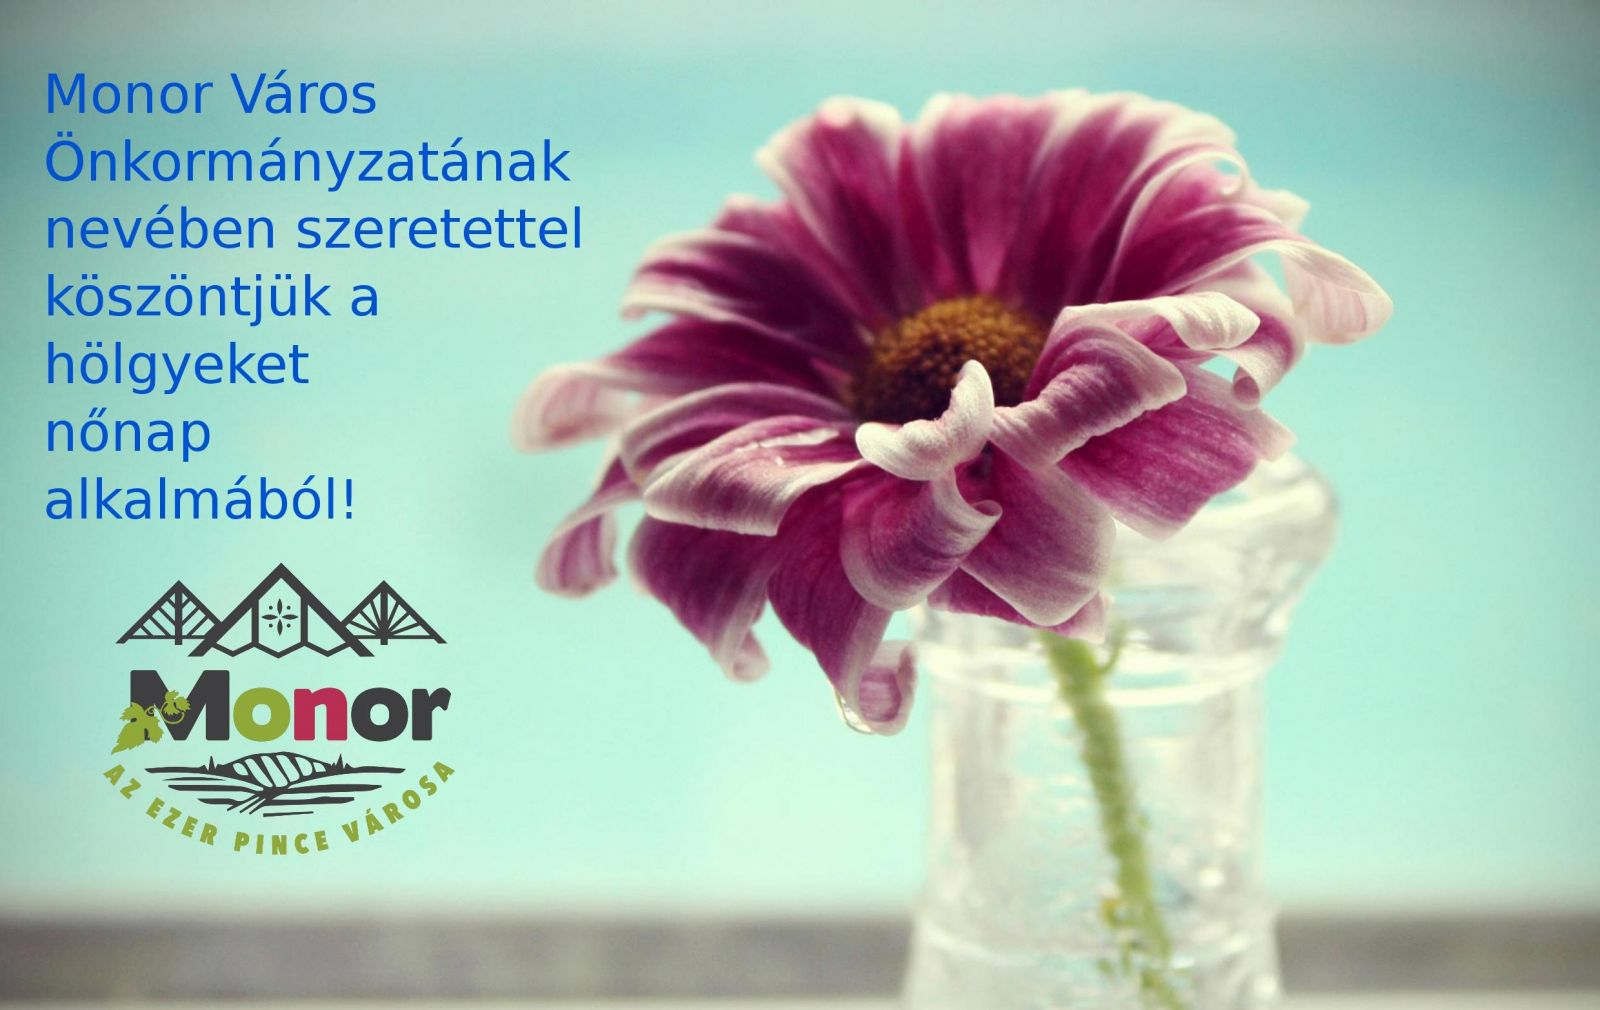 Monor Város Önkormányzatának nevében szeretettel köszöntjük a hölgyeket nőnap alkalmából